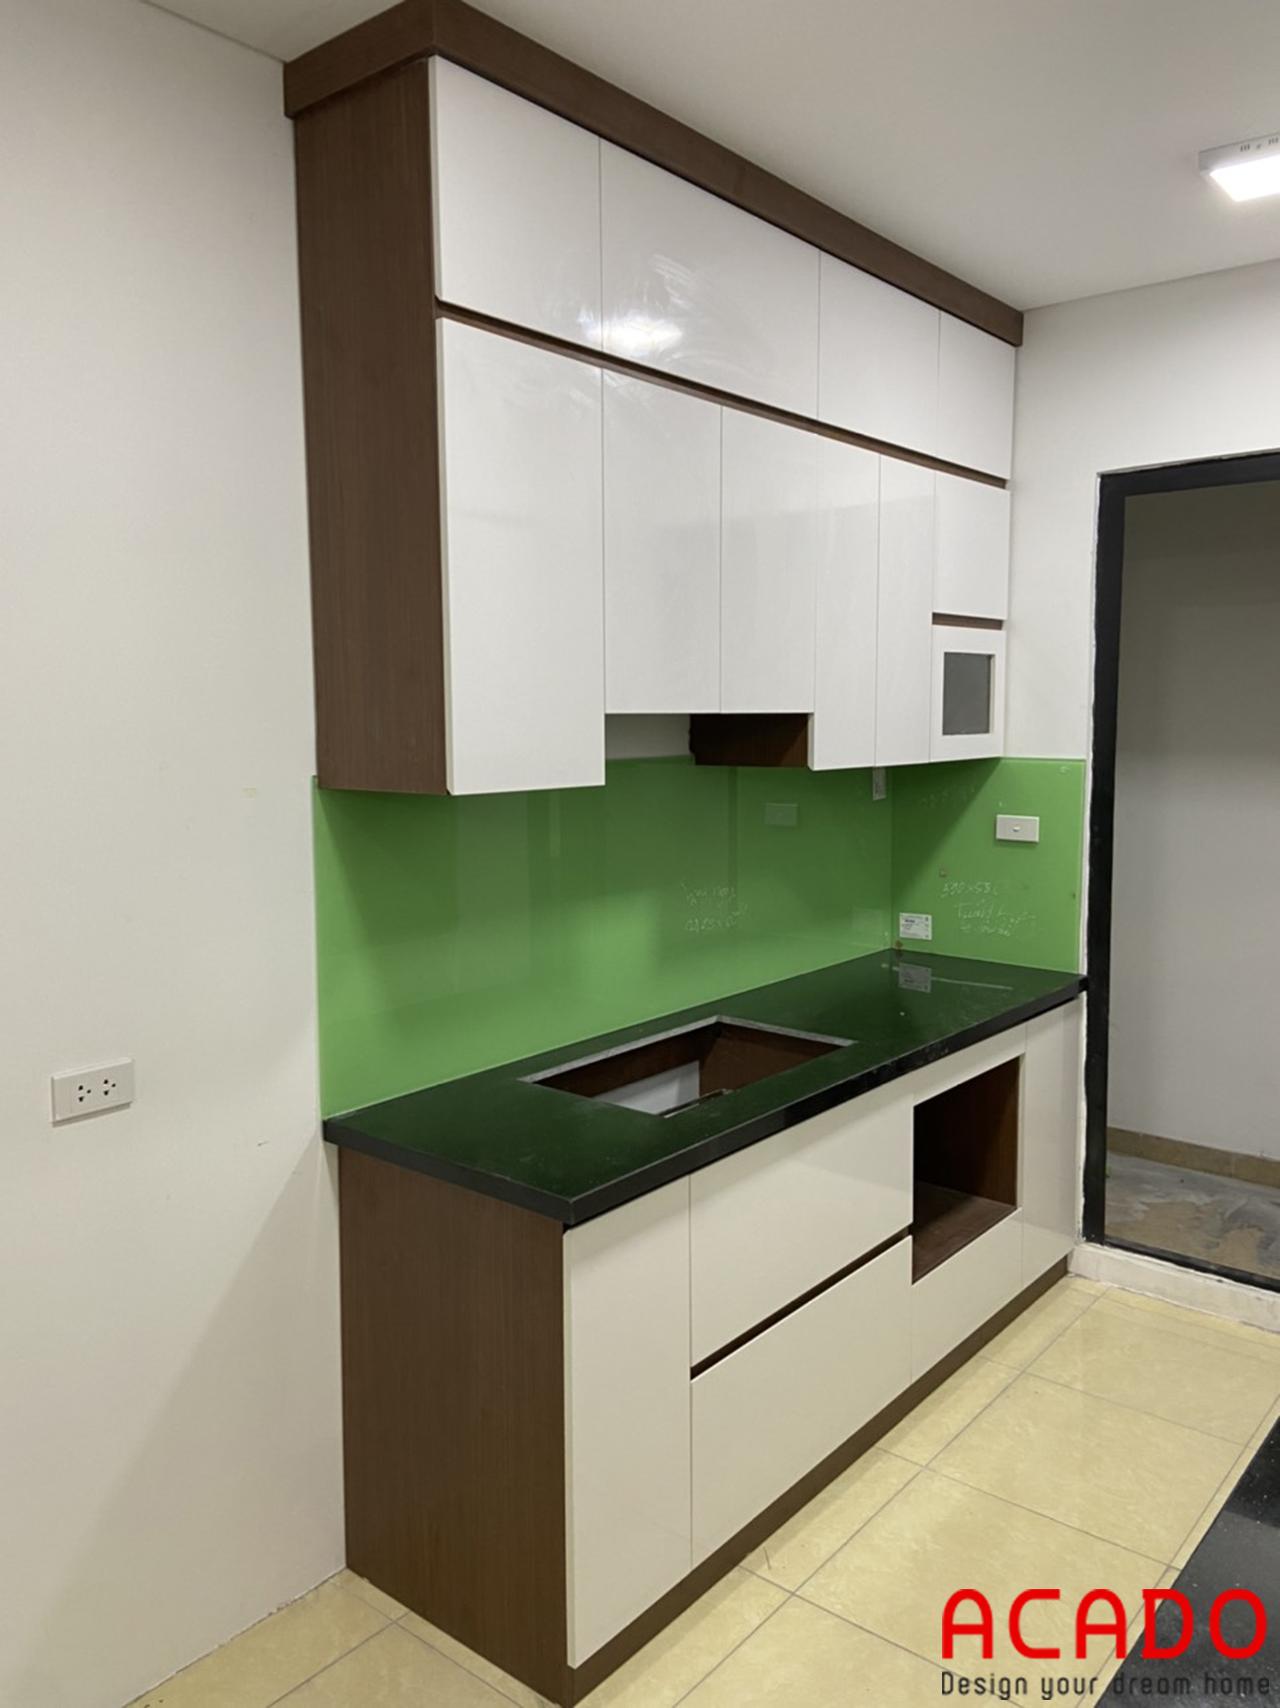 Tủ bếp thùng vân gỗ cánh trắng nổi bật . Thi công nội thất tại Thanh Xuân